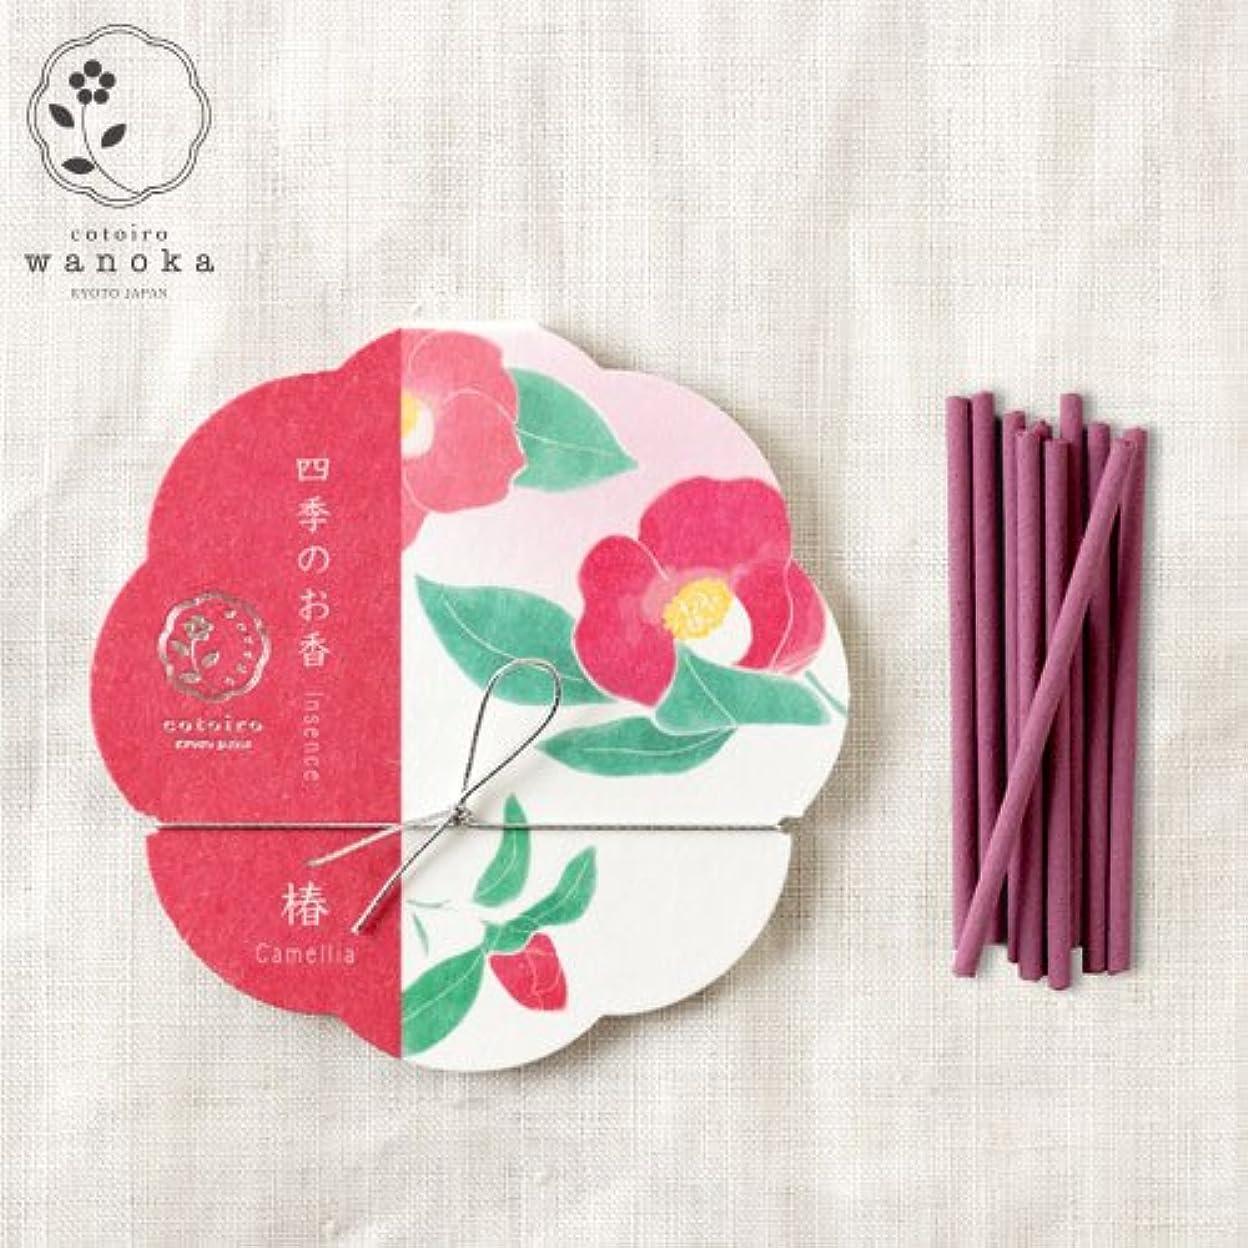 習慣延期する記憶に残るwanoka四季のお香(インセンス)椿《椿をイメージしたおしとやかで深みのある香り》ART LABIncense stick